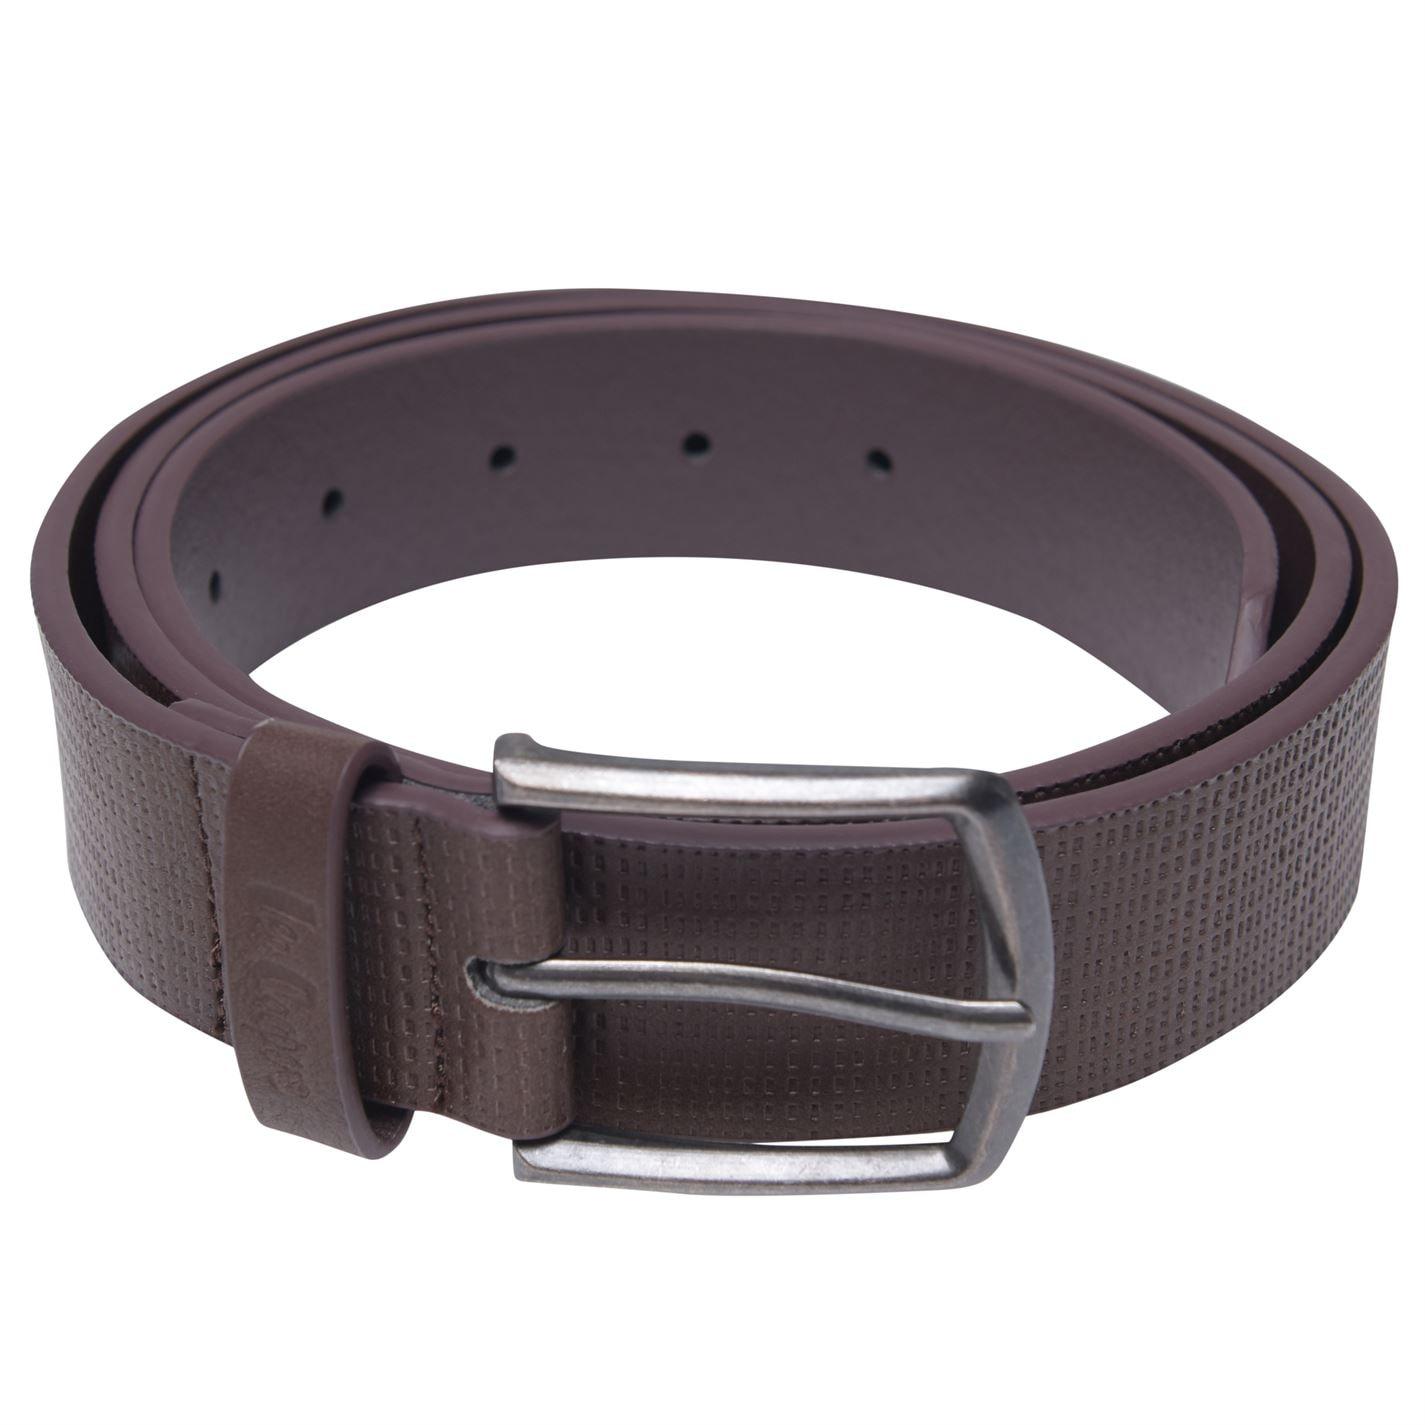 Lee Cooper Pressed Belt